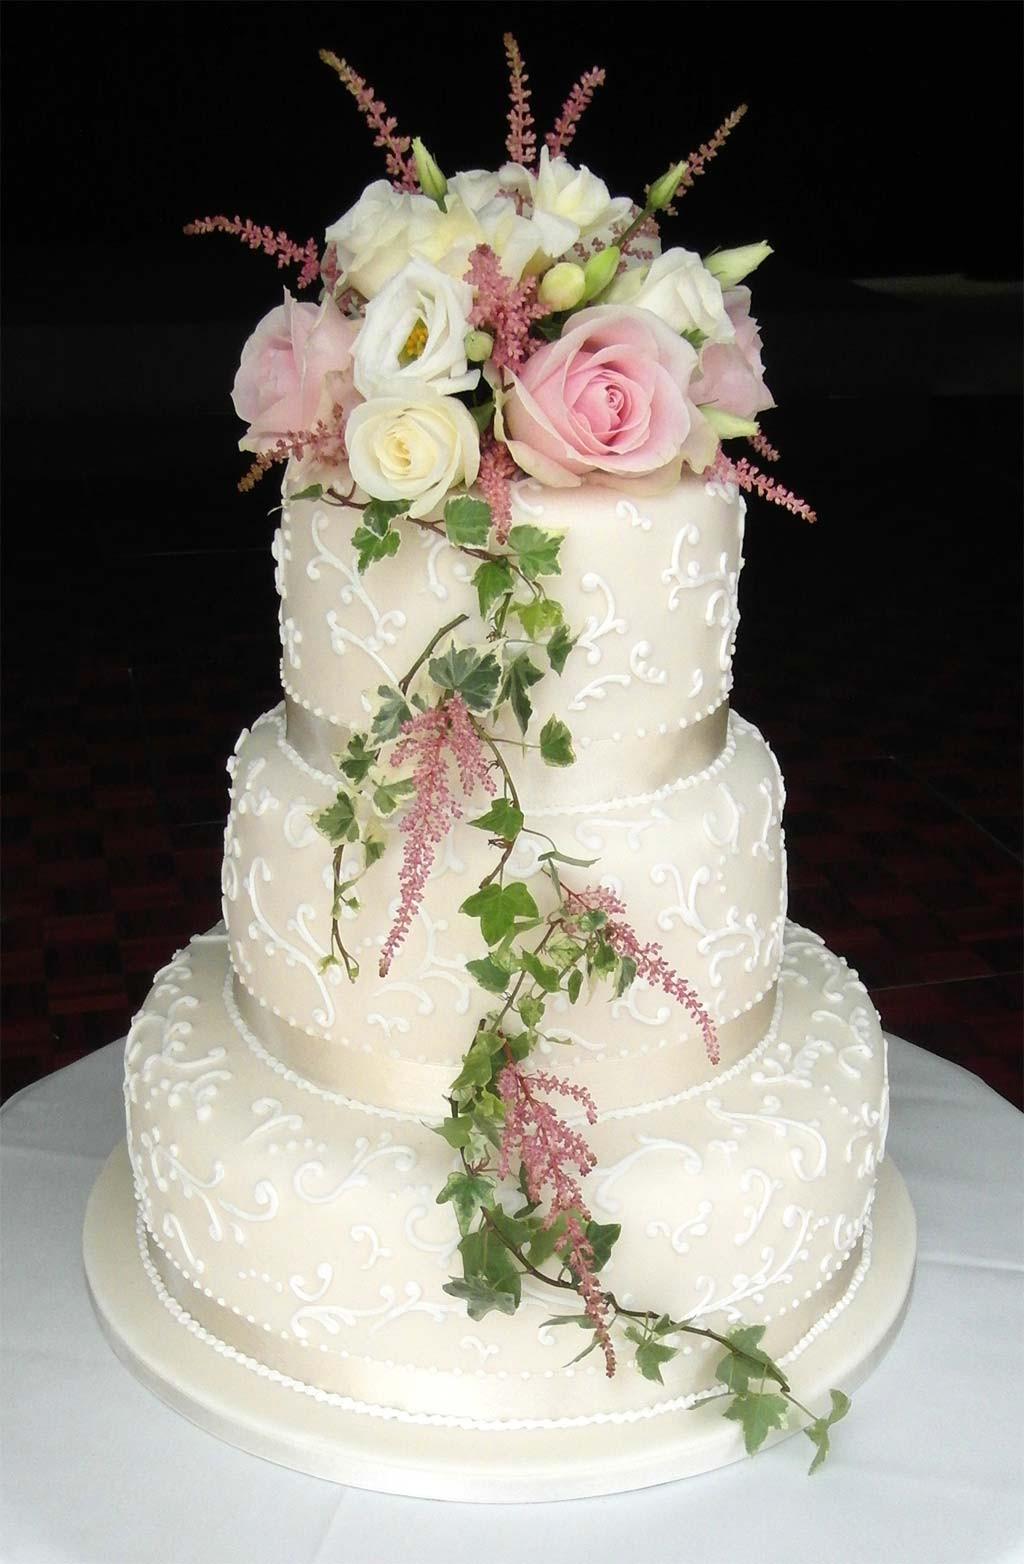 Fresh Flowers On Wedding Cakes  Wedding Cakes